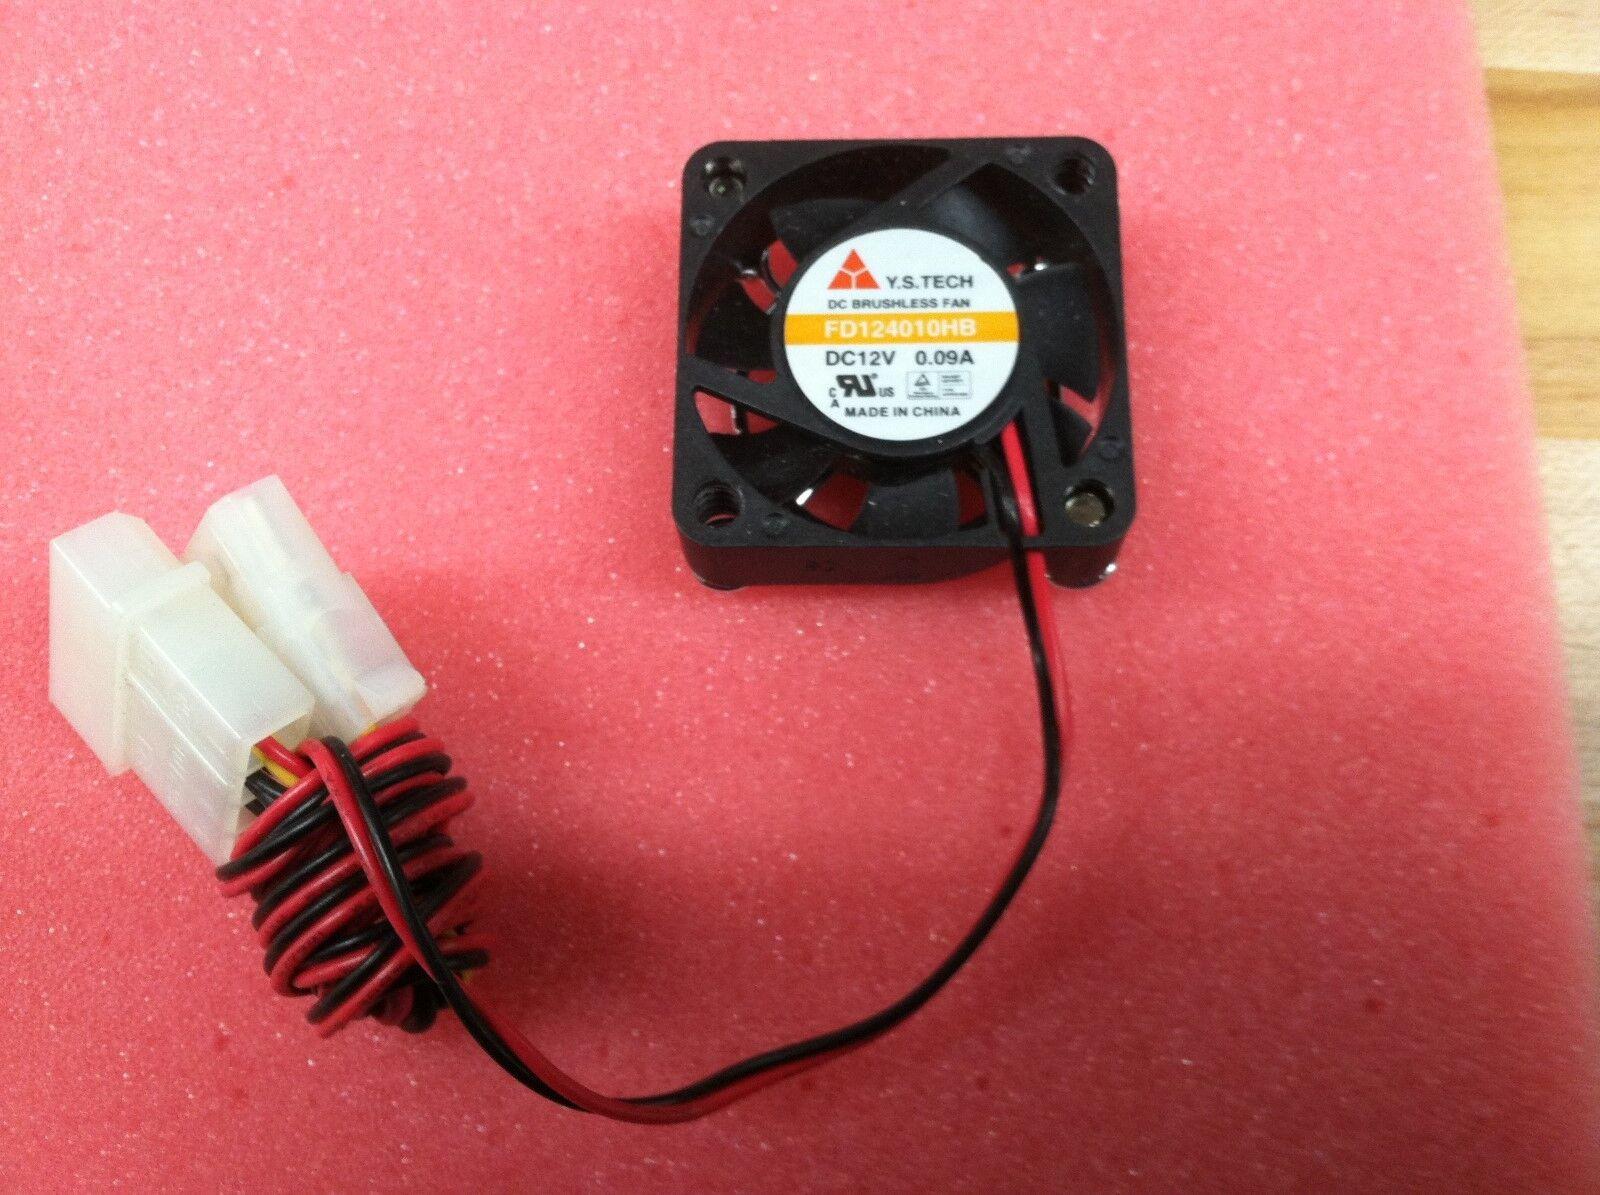 1pc Y.S FD124010HB fan  40*40*10mm  12V 0.09A 3pin